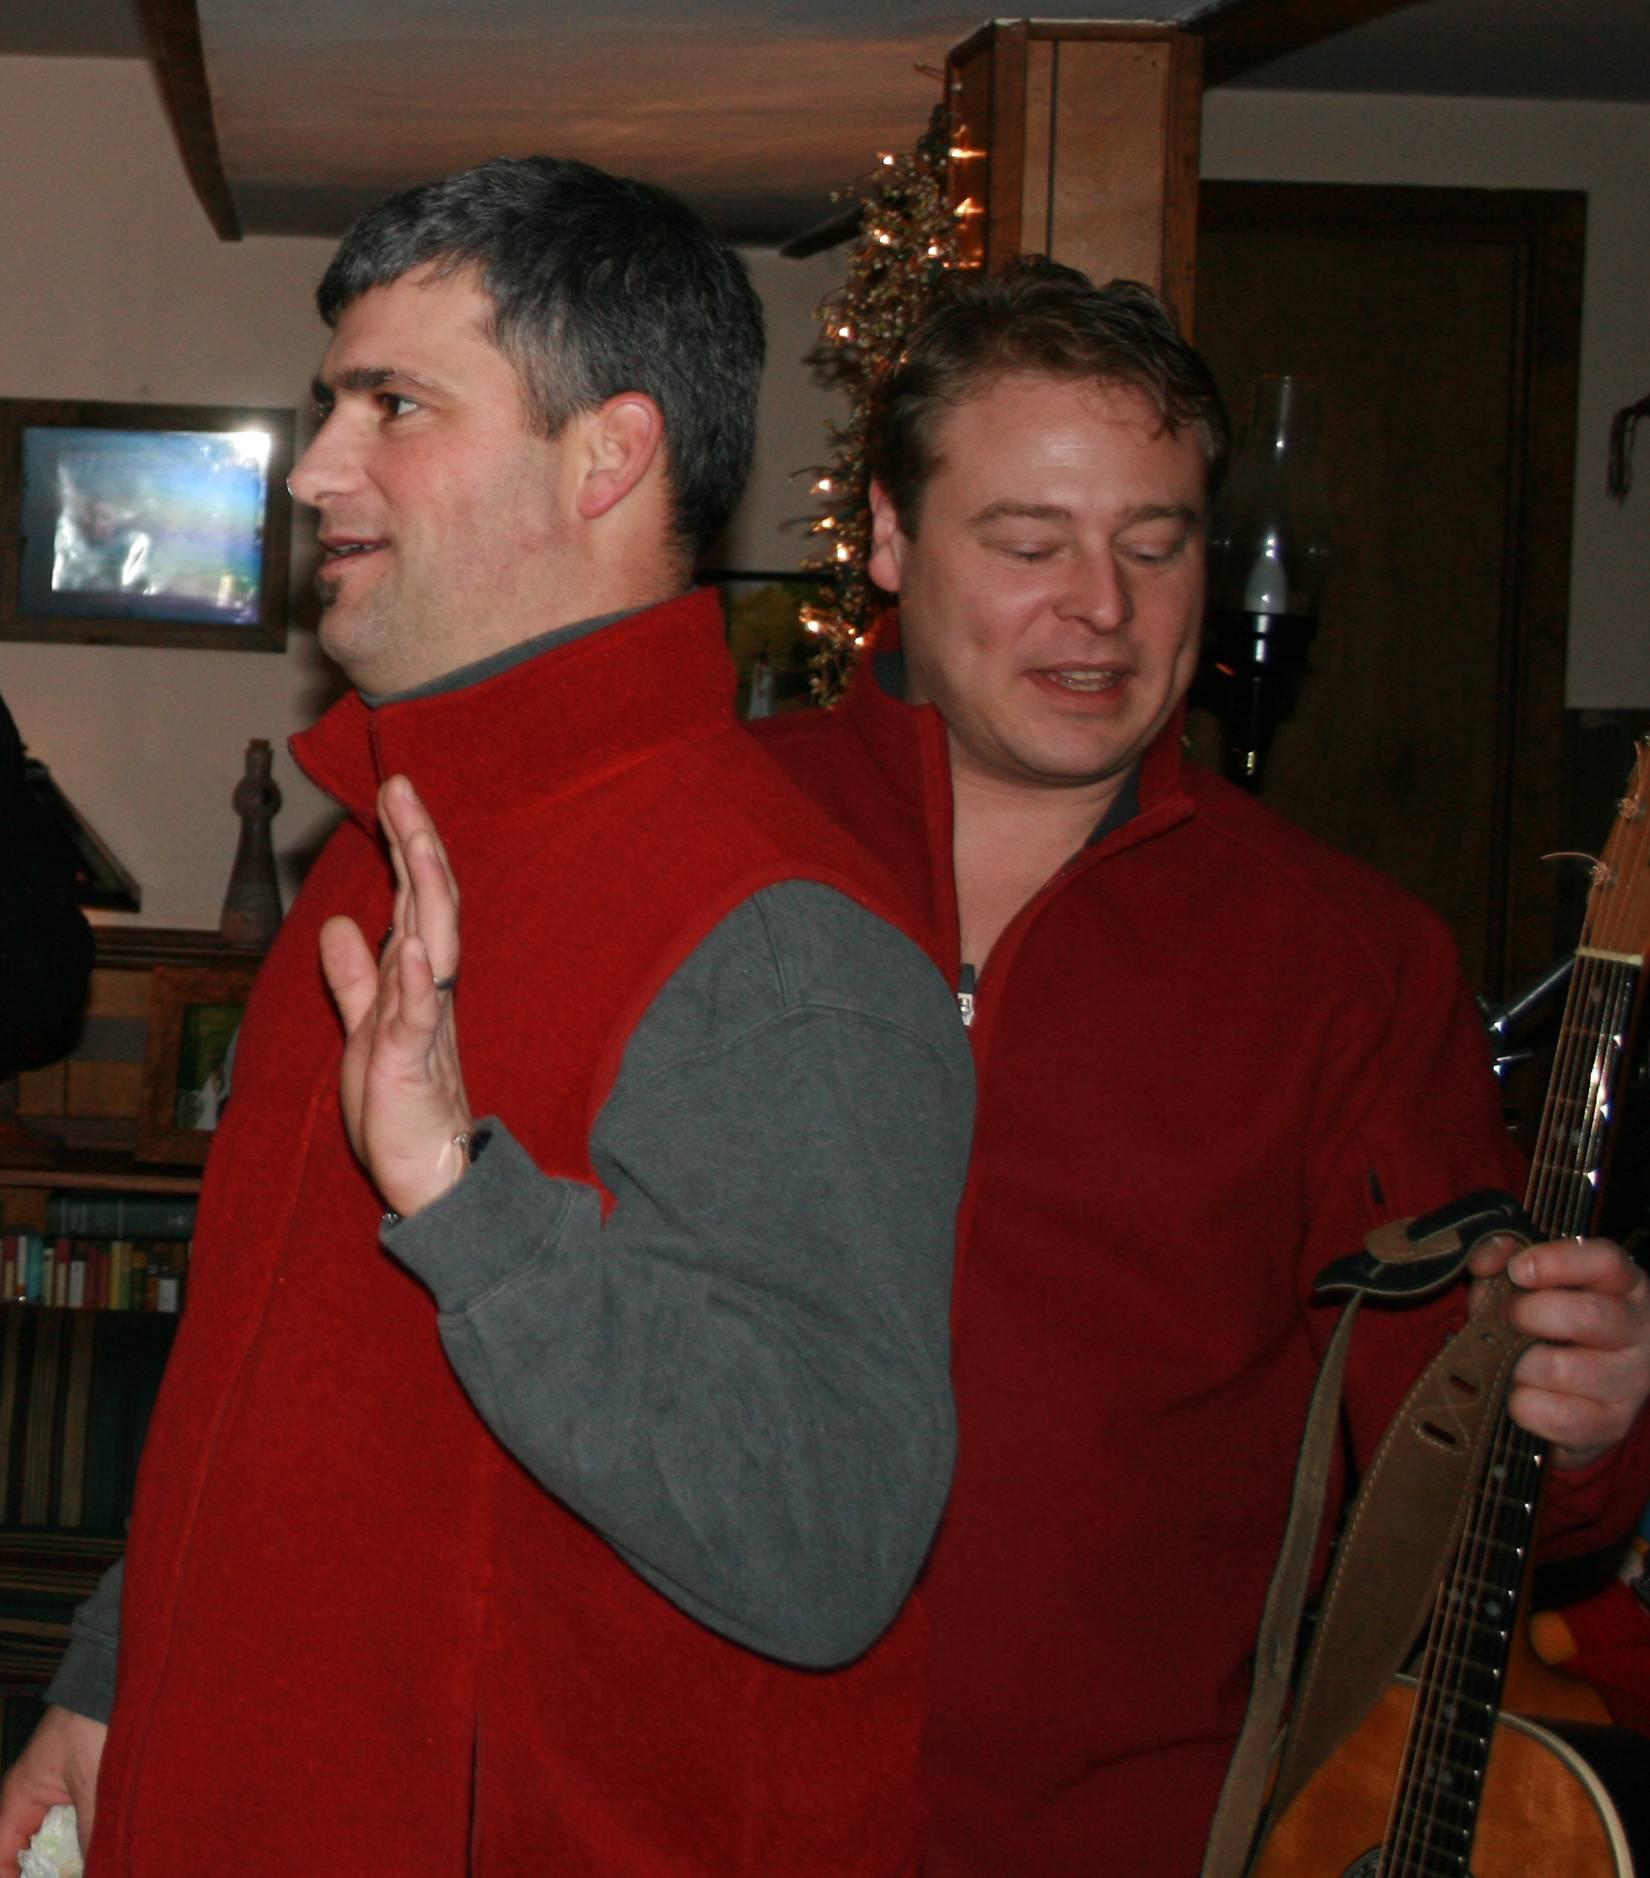 Chris and Joe